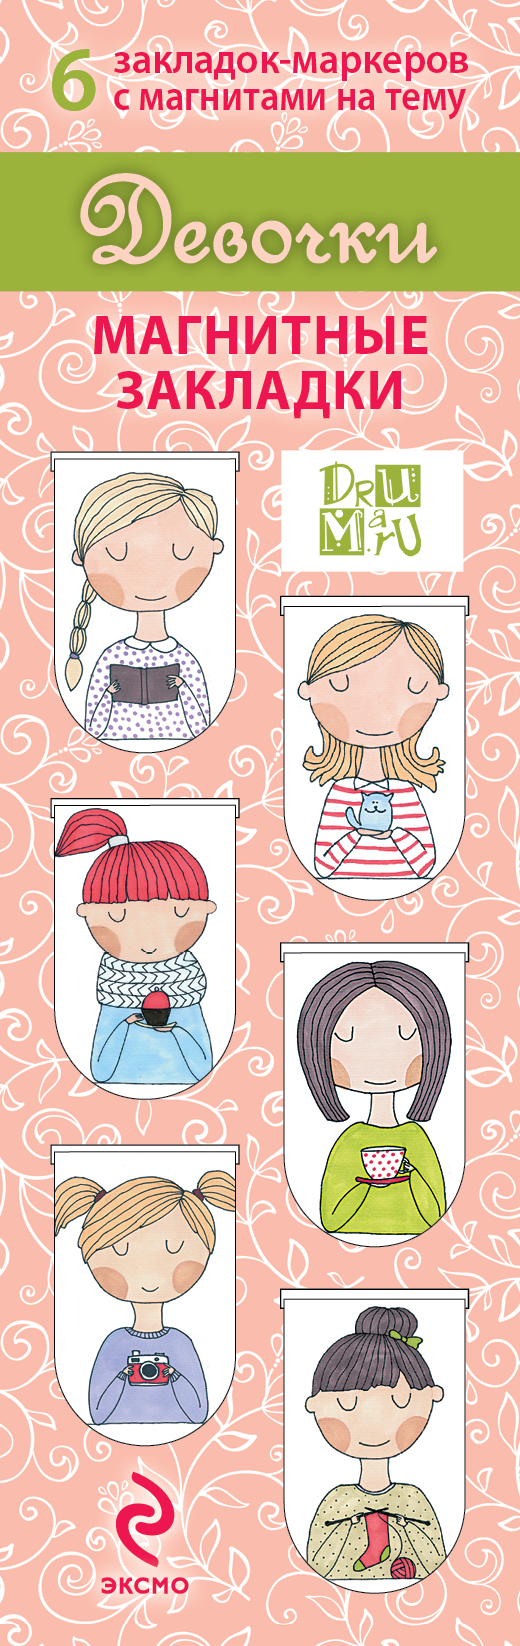 Магнитные закладки. Девочки (6 закладок полукругл.)